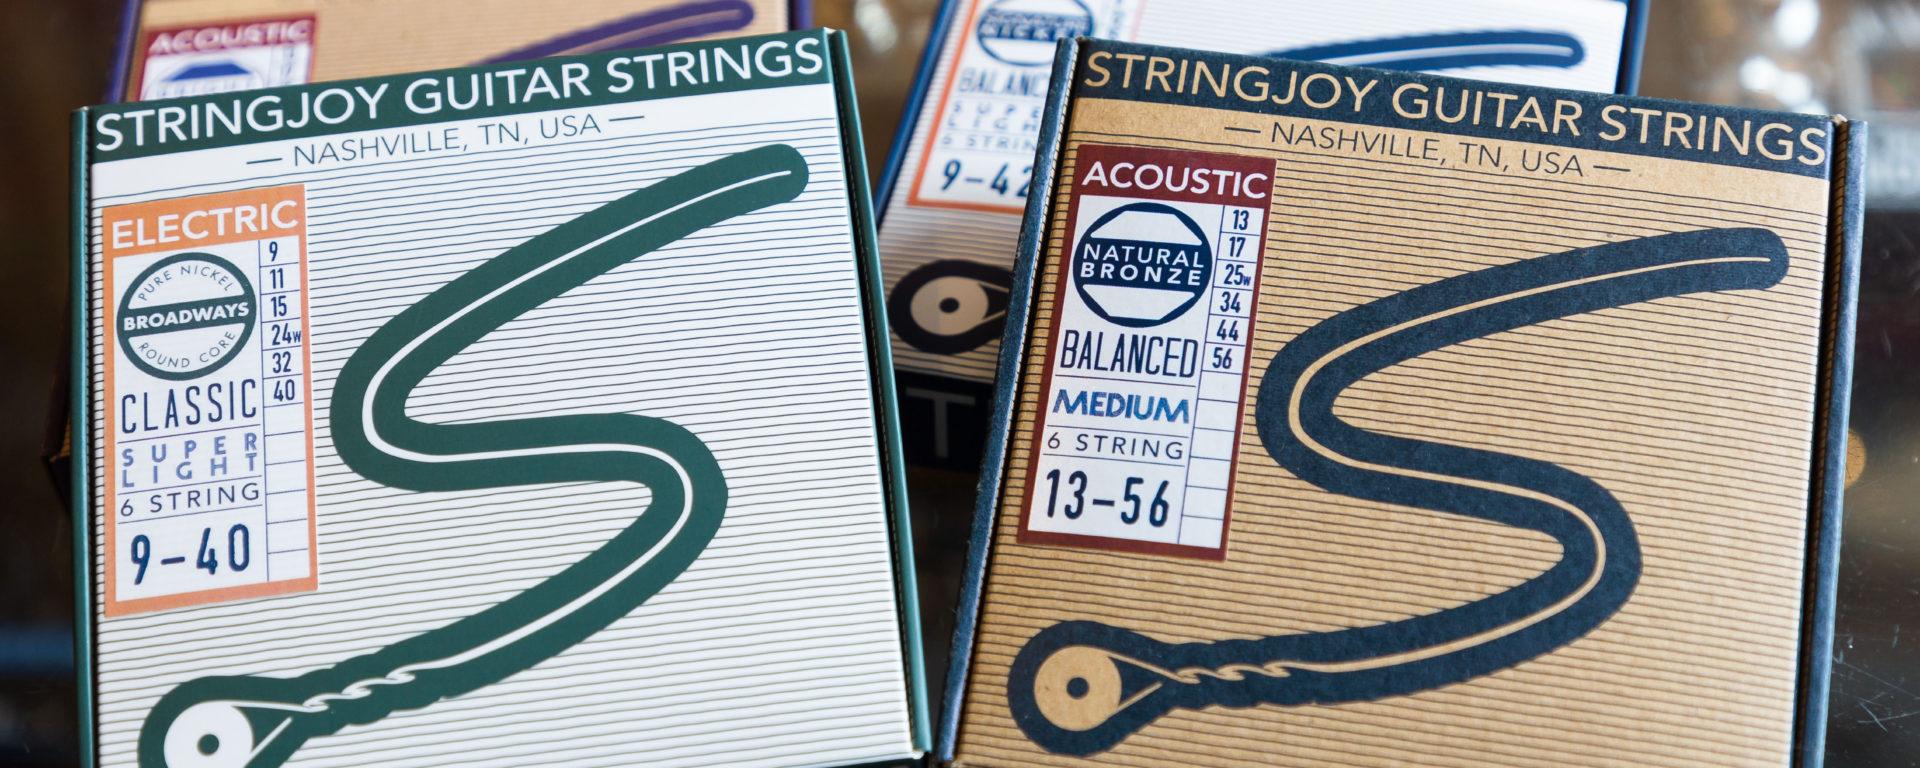 Stringjoy Strings